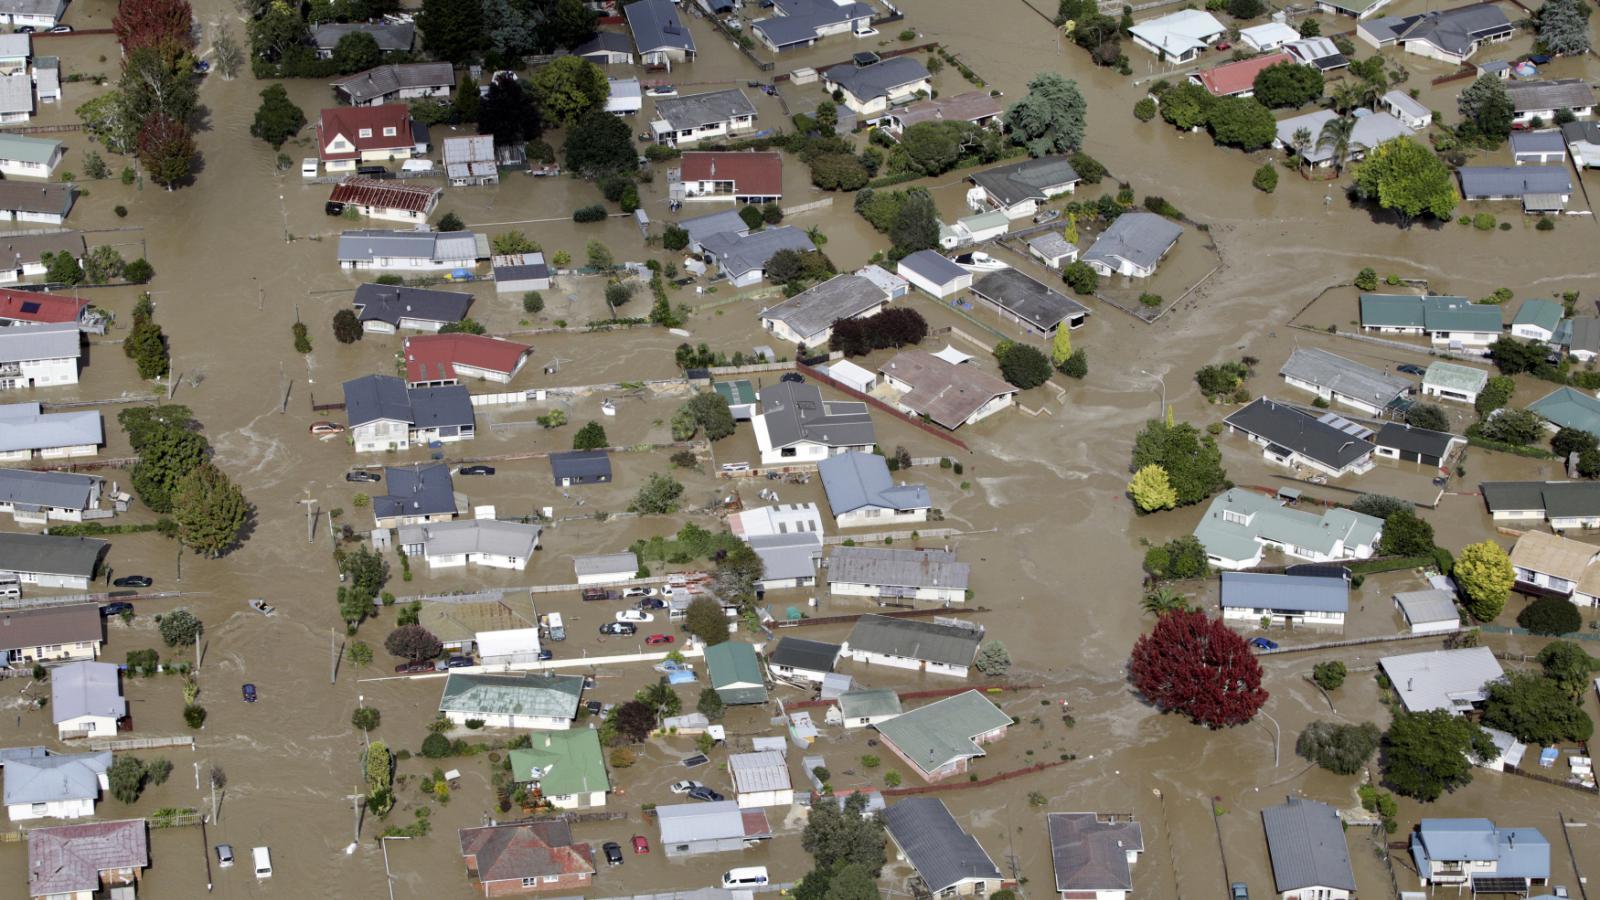 Ulice města Edgecumbe se proměnily v řeku